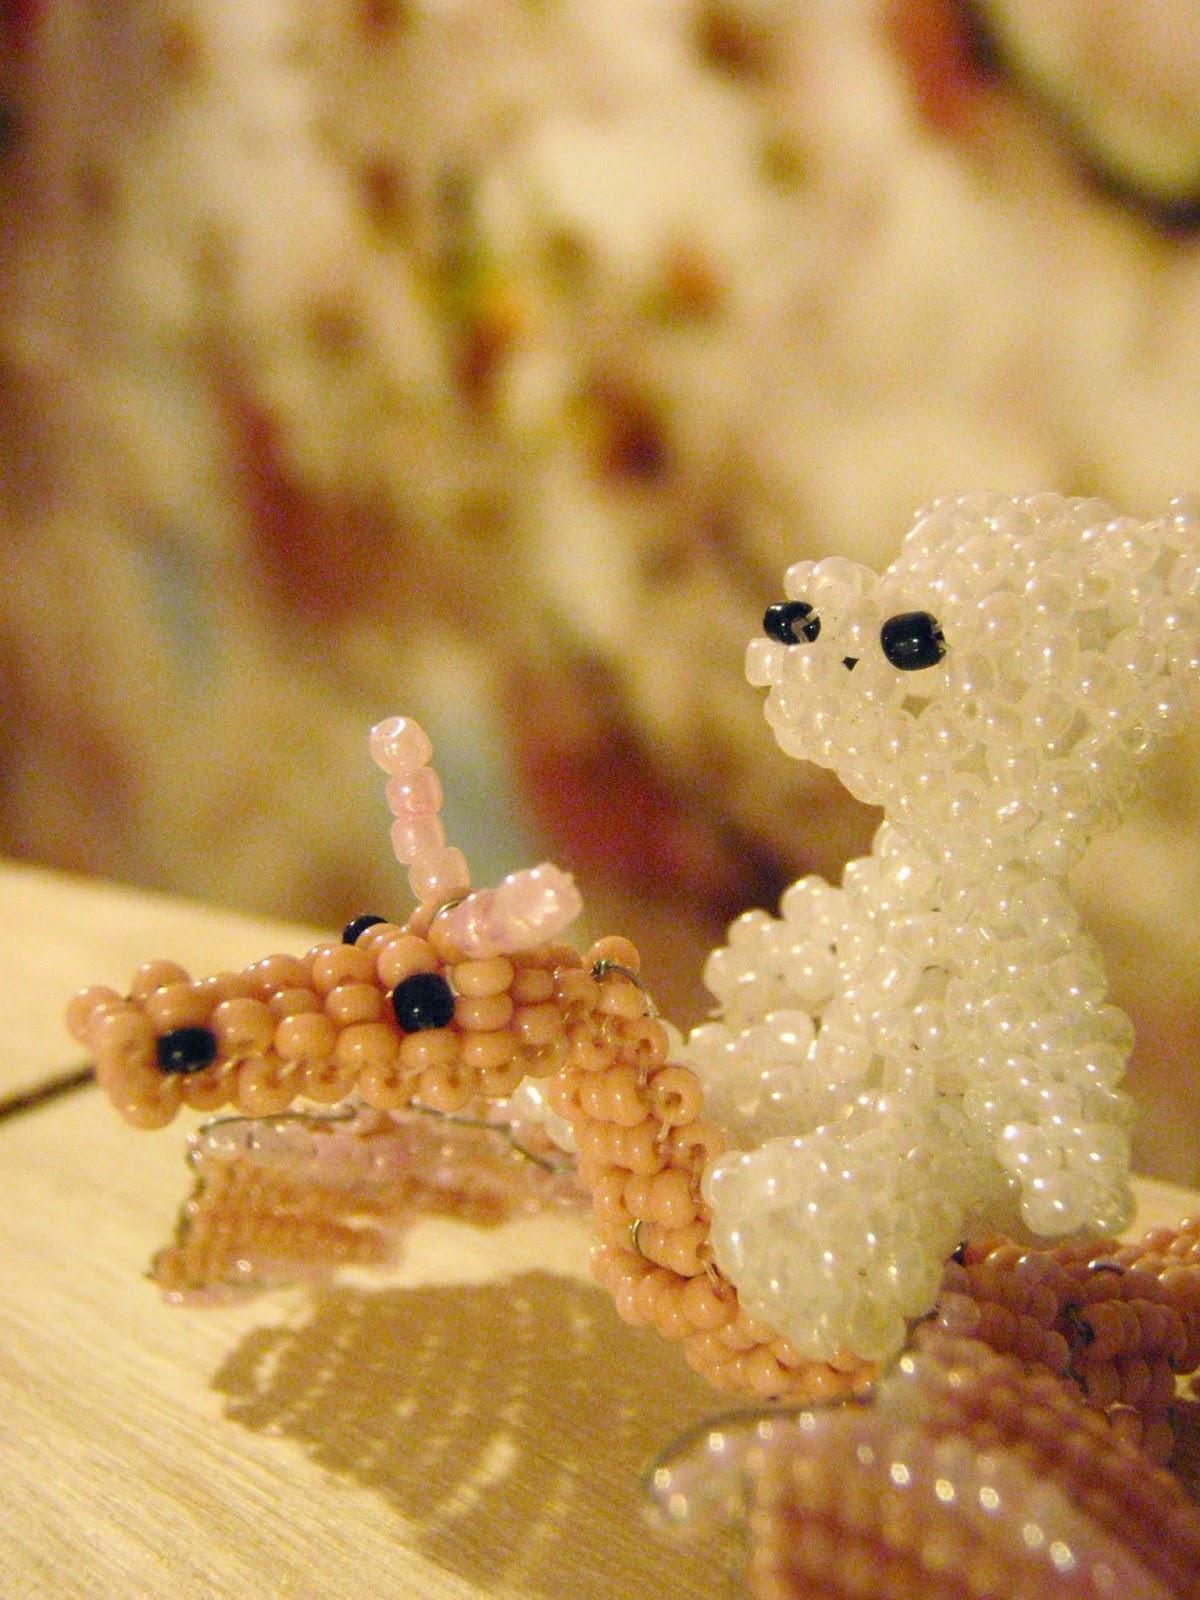 zwierzątka z koralików